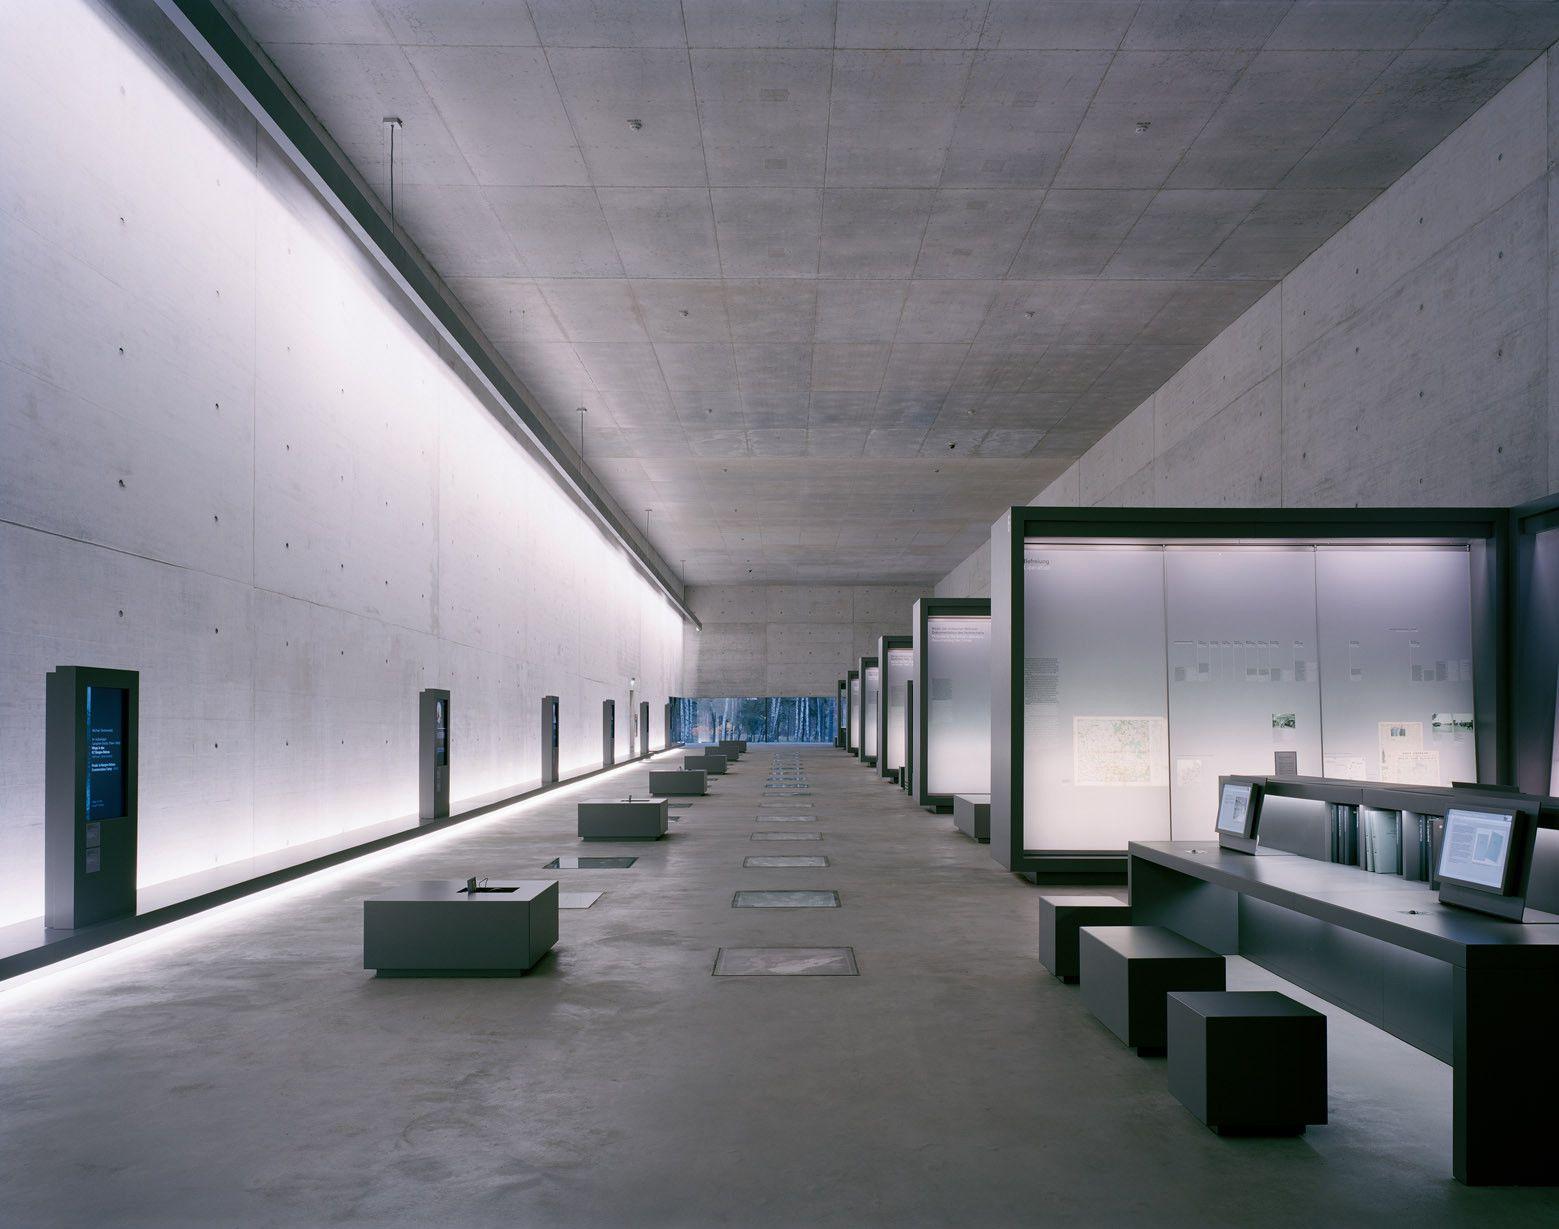 Gallery Of Documentation Center Of Bergen Belsen Memorial Ksp Engel Und Zimmermann Architekten Architecture Design Concrete Houses Architecture Art Design